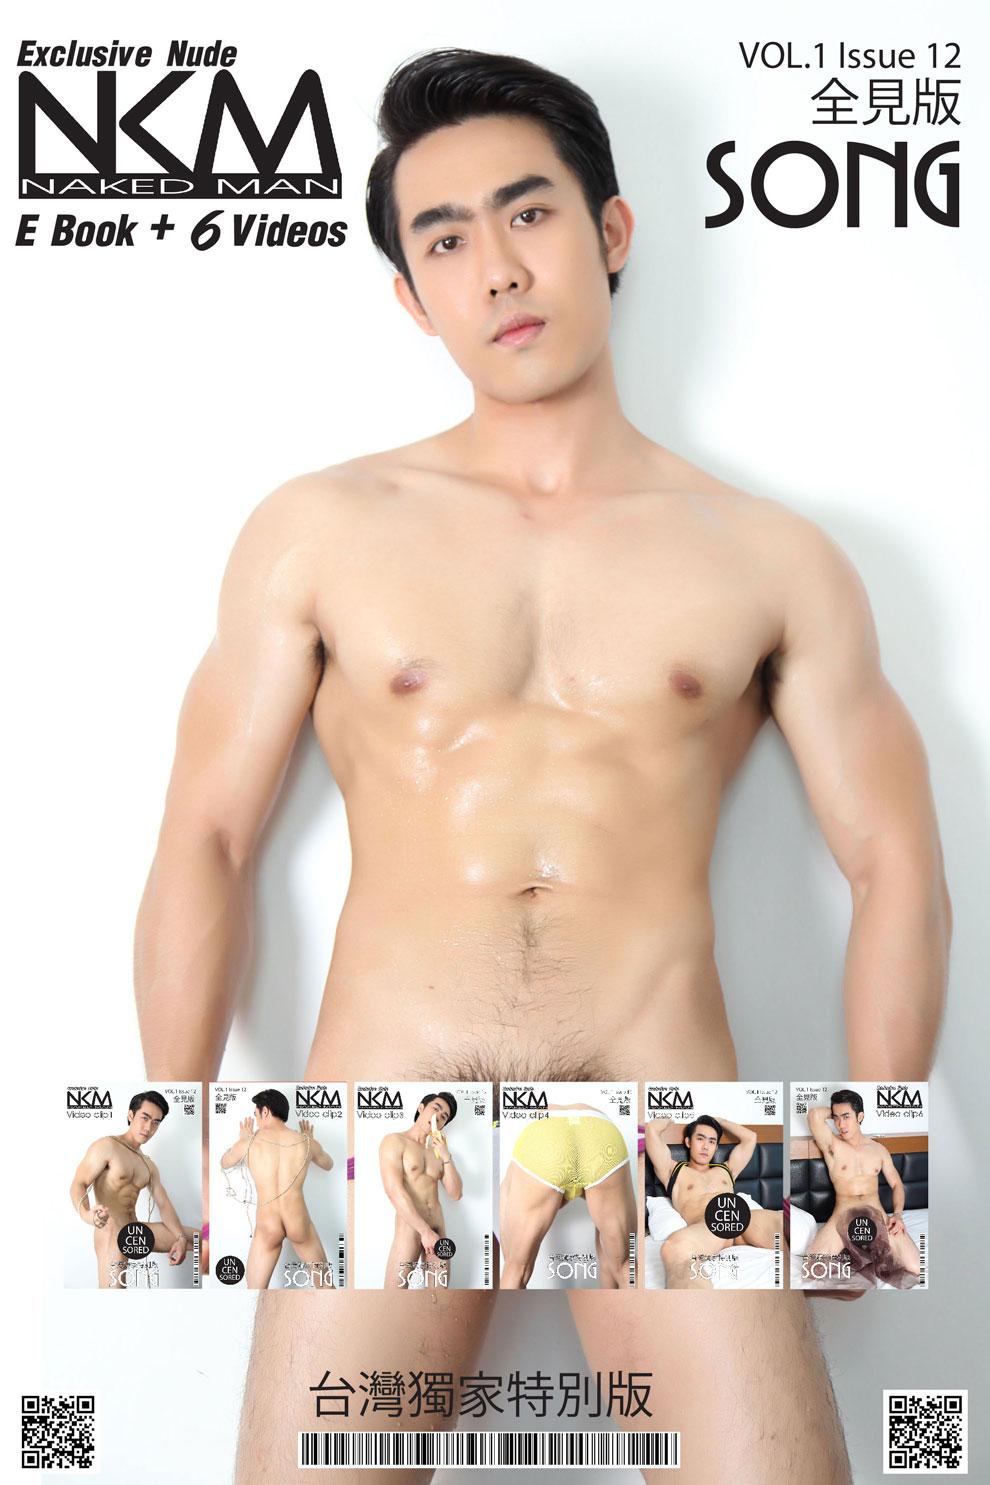 nkm-nkm-magazine-no12-exclusive-nude-e-book-6-videos-หน้าปก-ookbee